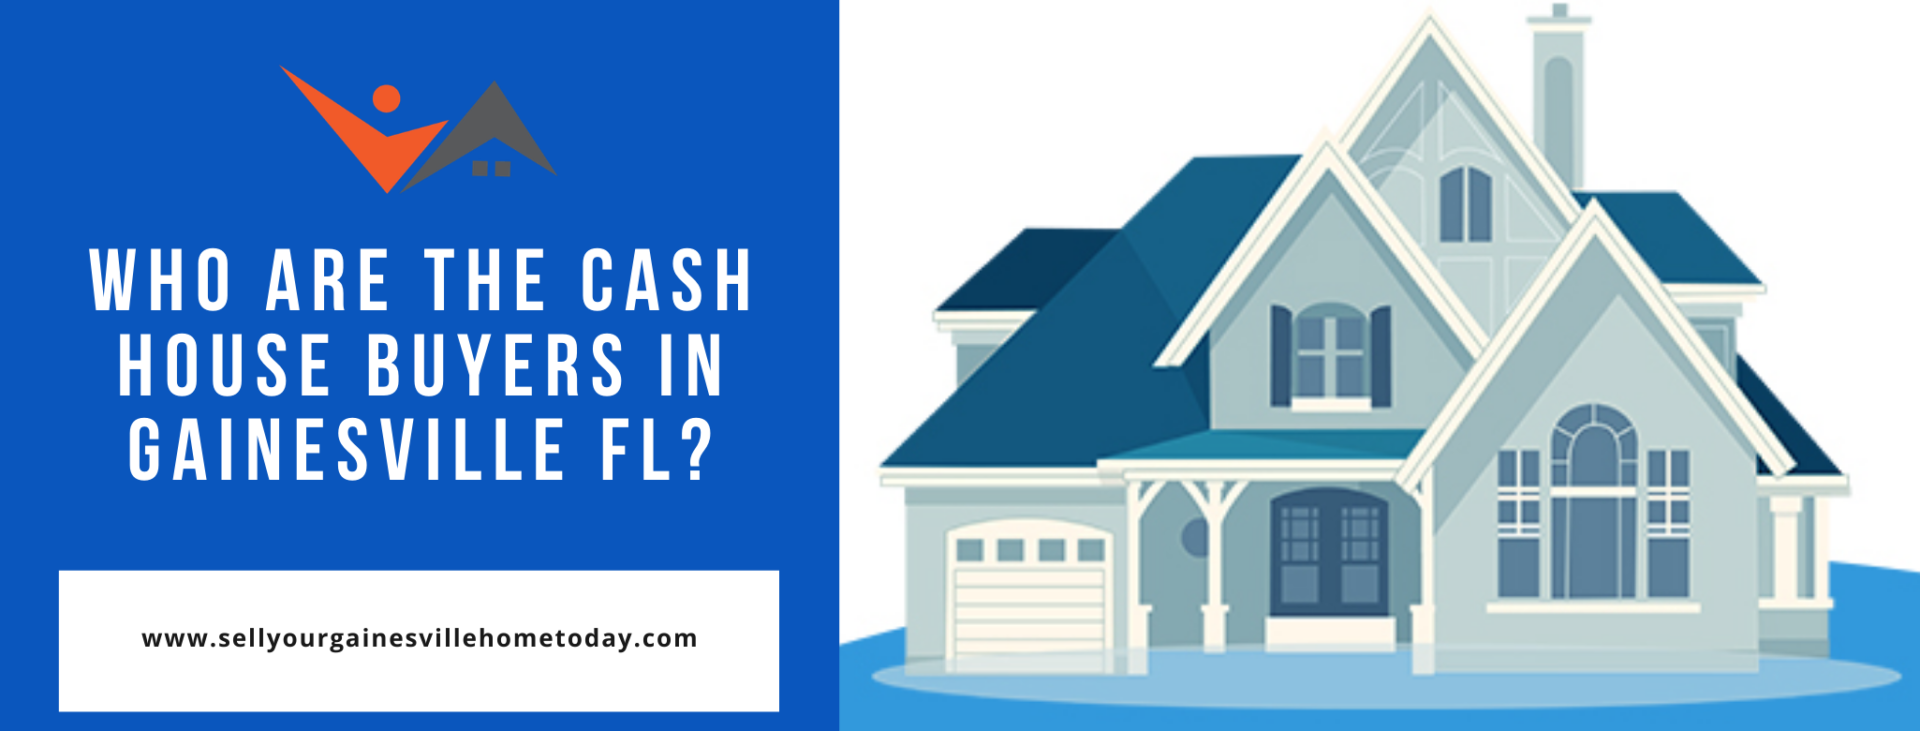 We buy properties in Gainesville FL